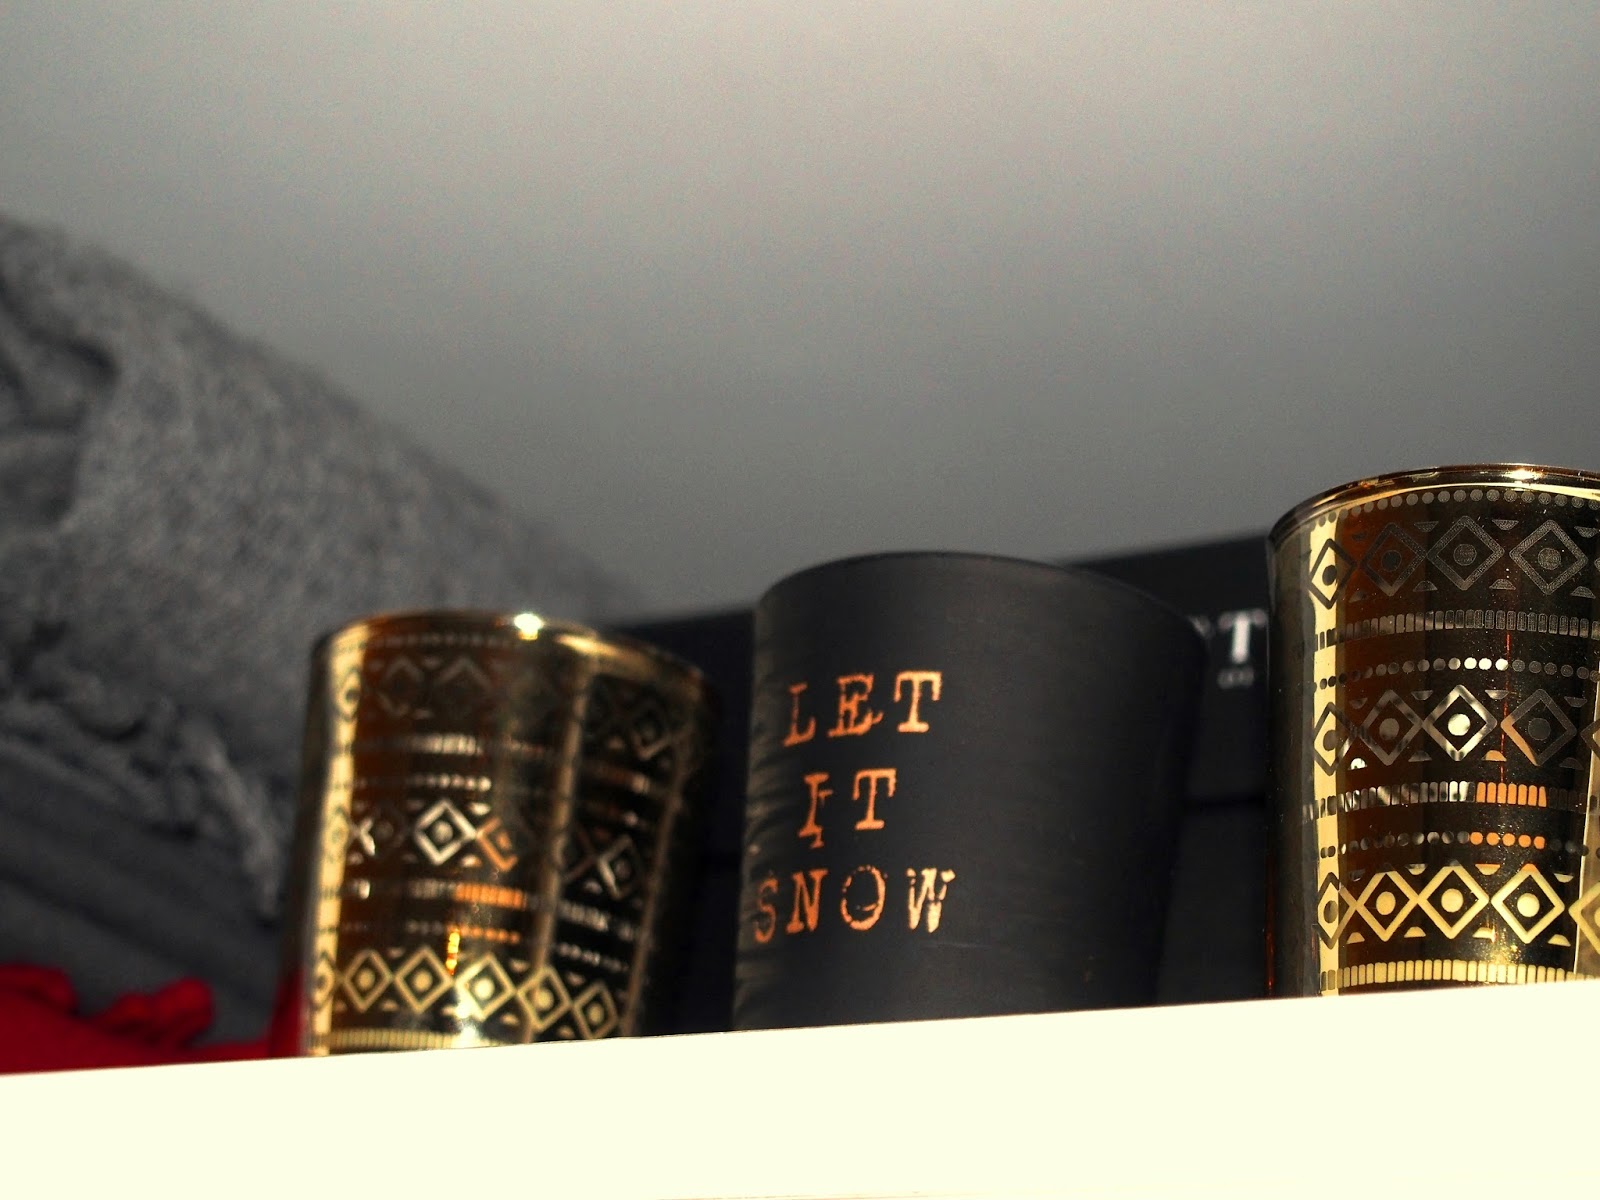 Jouluinen tunnelma eteisen kaapissa: kynttilöitä ja paksuja villaisia huiveja.